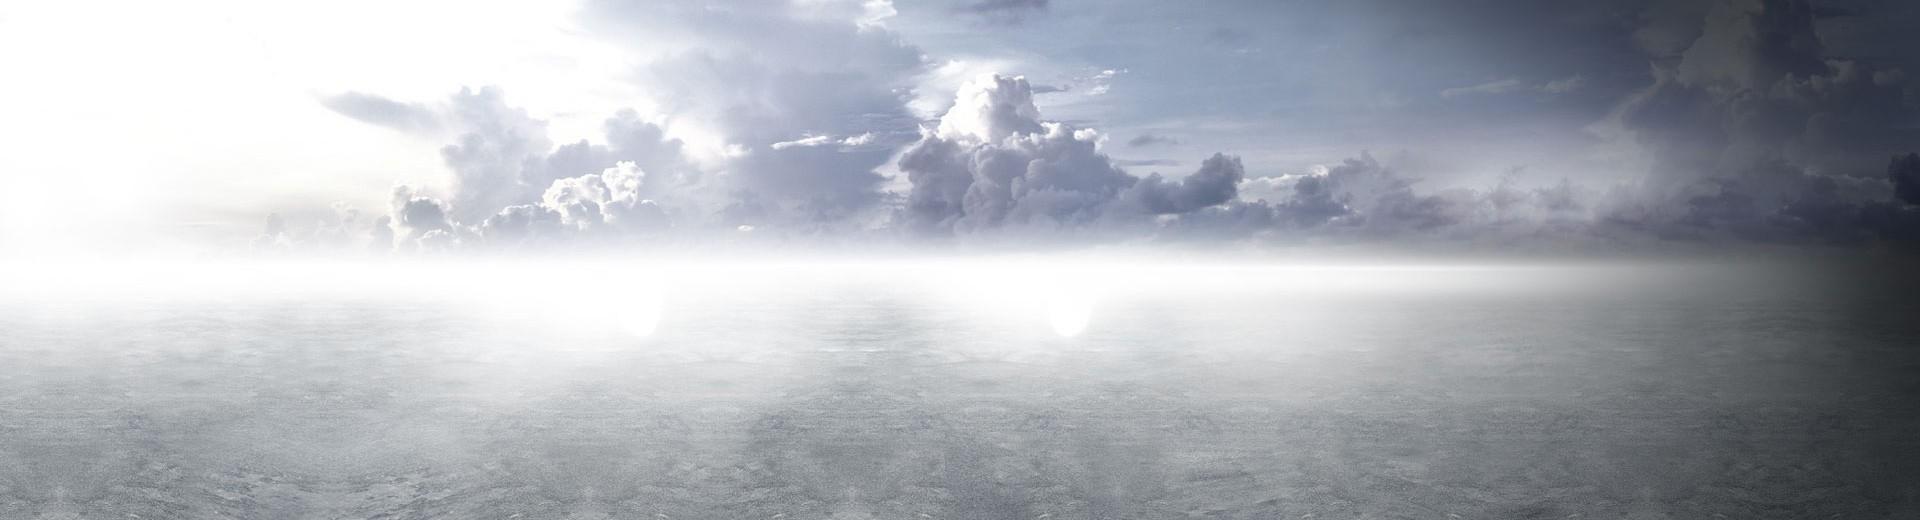 A calming storm